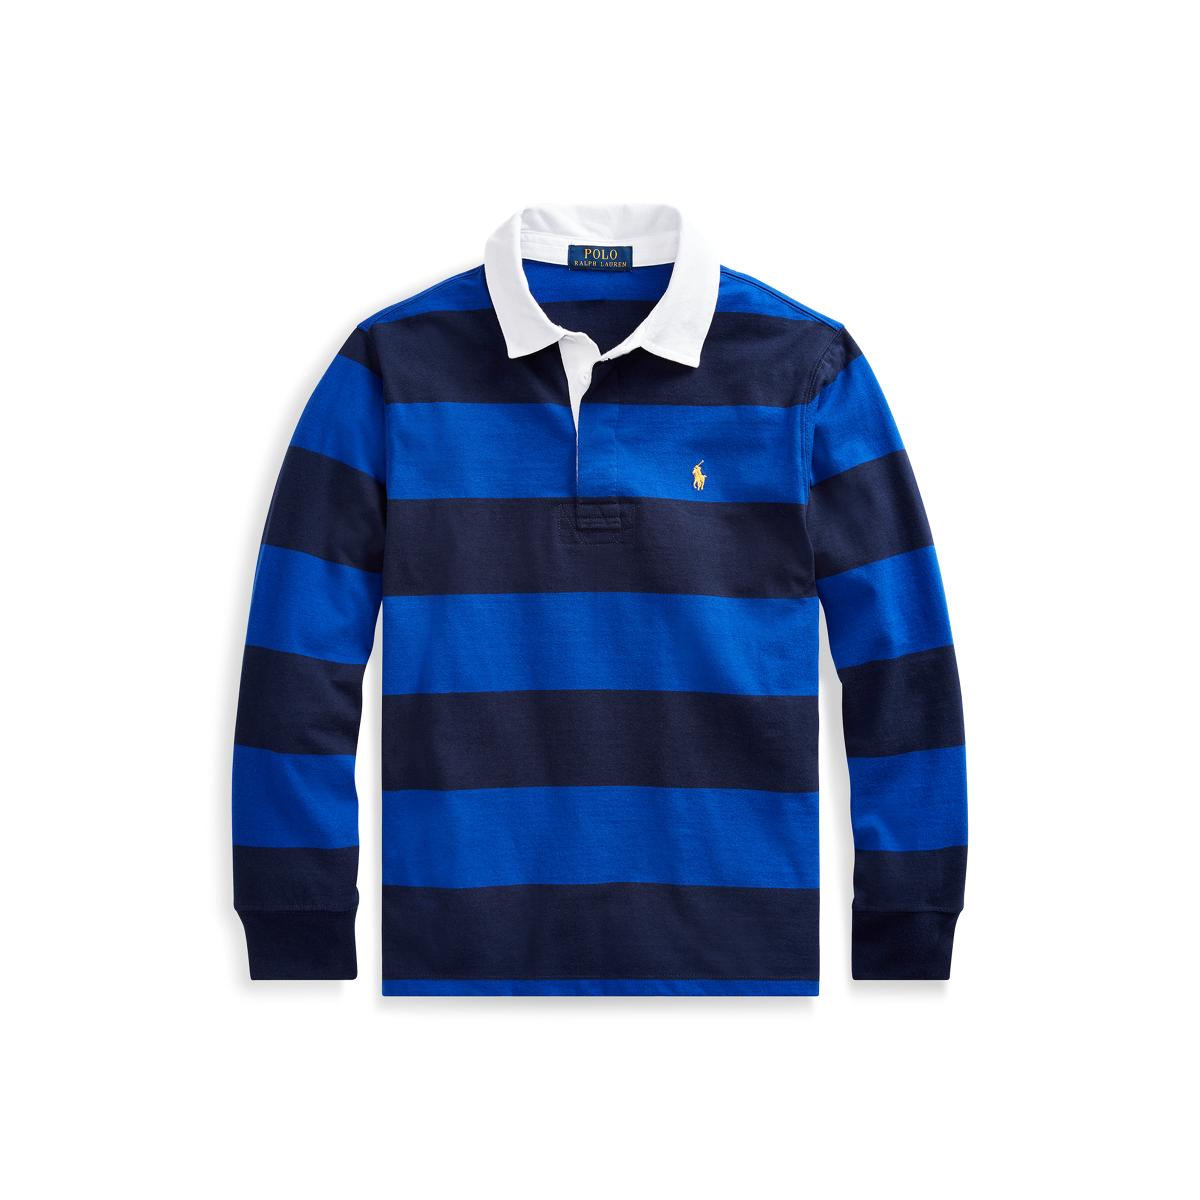 Polo Ralph Lauren Striped Cotton Rugby Shirt Rug Agar